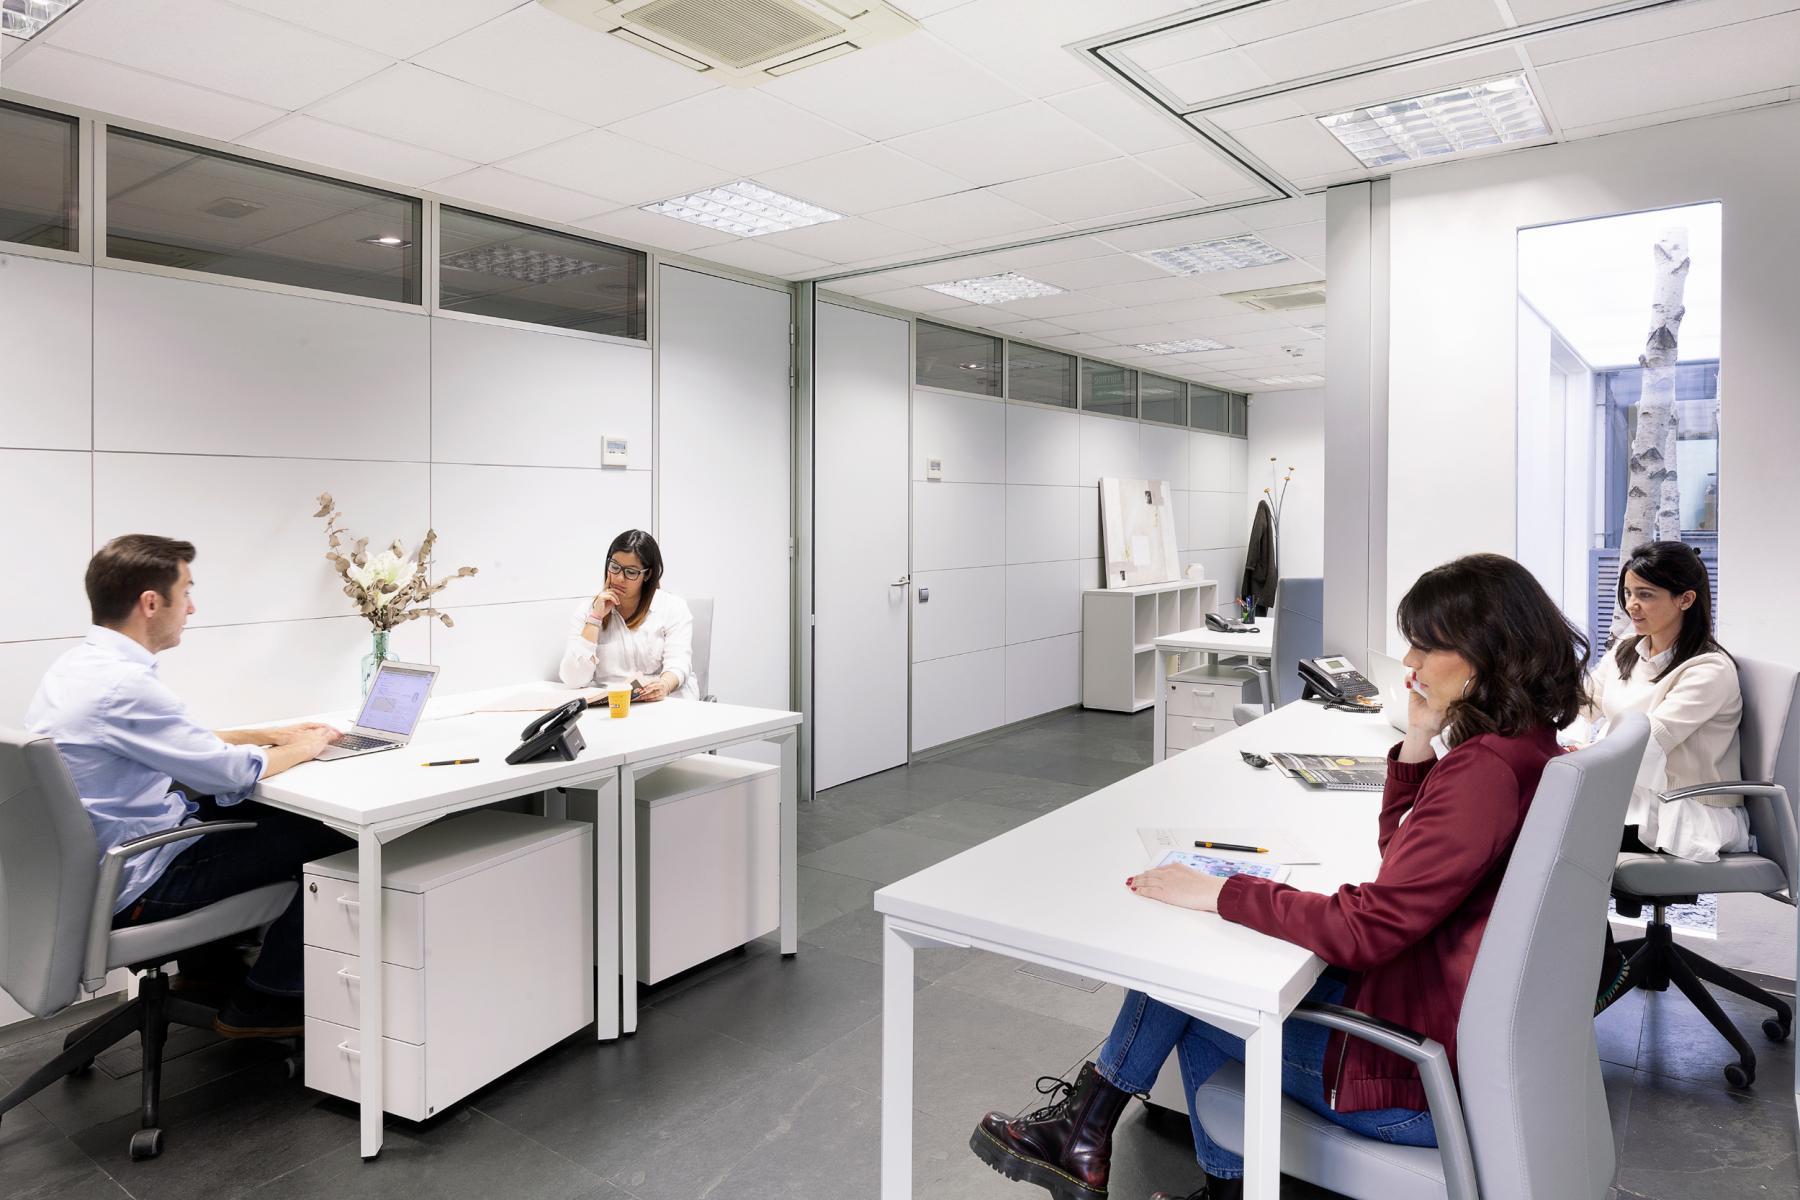 Alquilar oficinas Paseo de Gràcia 118, Barcelona (4)